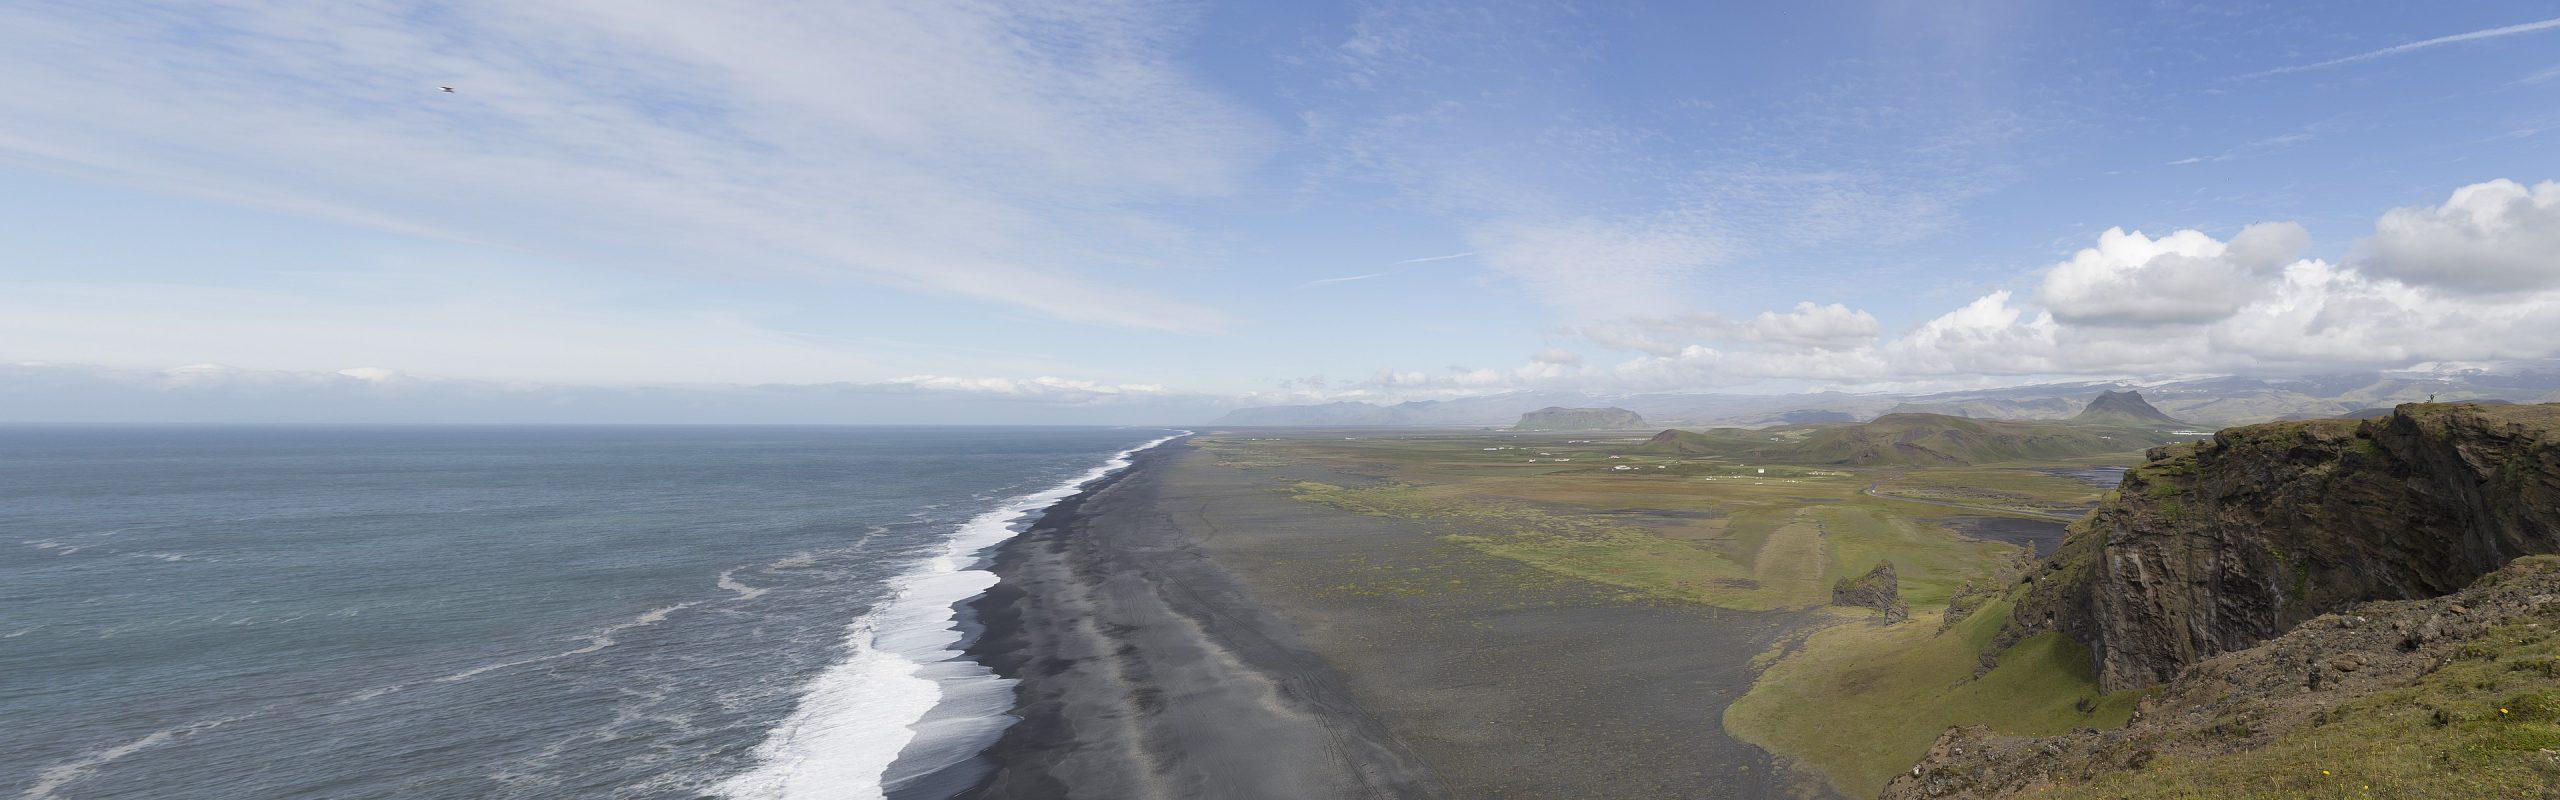 Willkommen auf meiner Islandseite